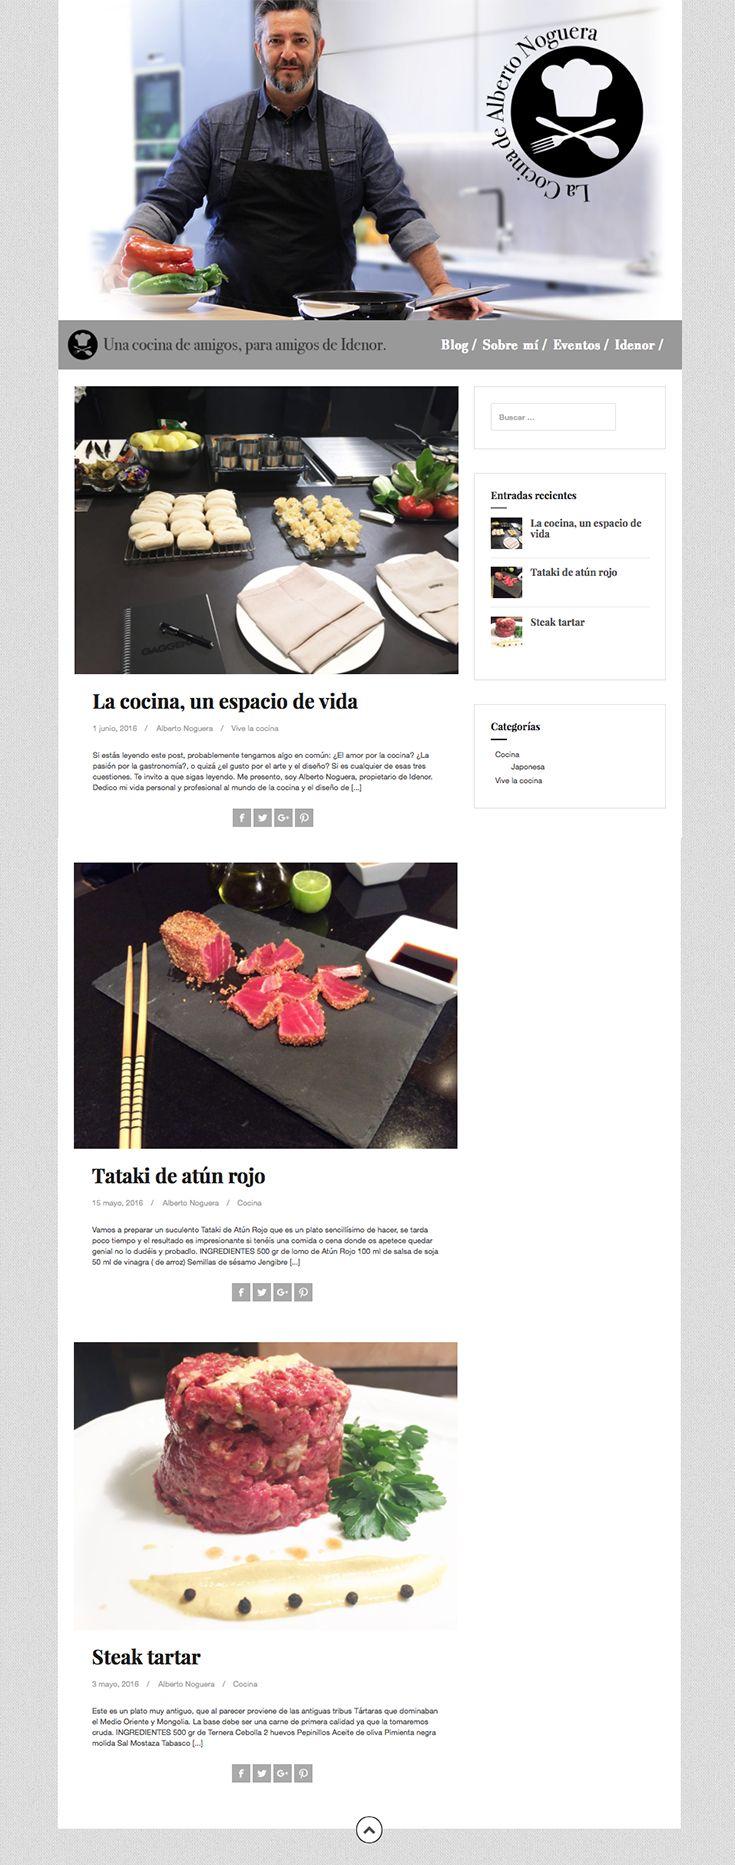 Blog de Alberto Noguera, propietario de Idenor.